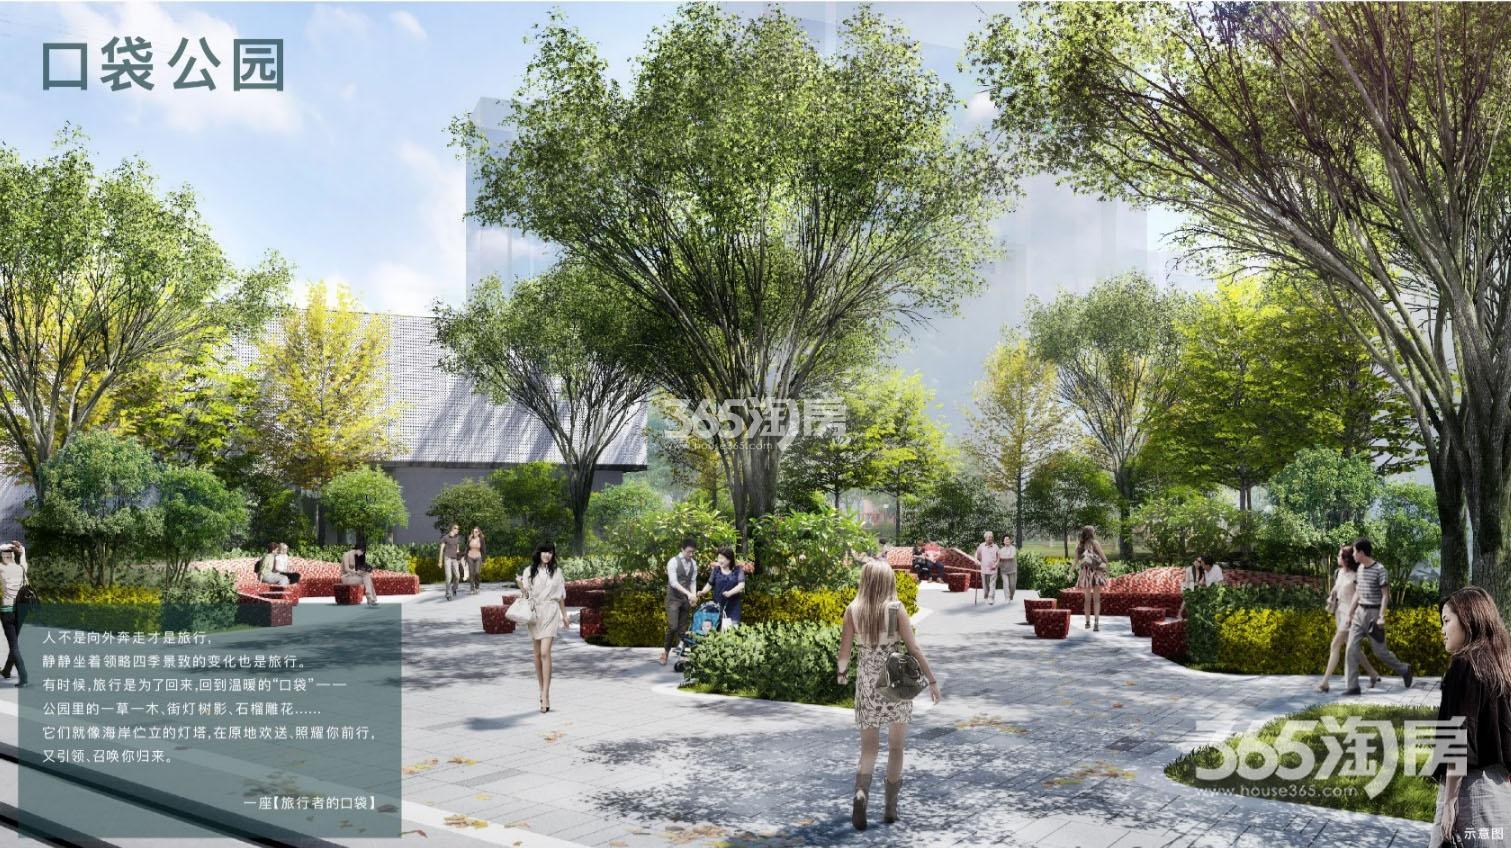 合肥房地产信息 正文  项目简析:蓝光林肯公园,约16万方健康运动文化